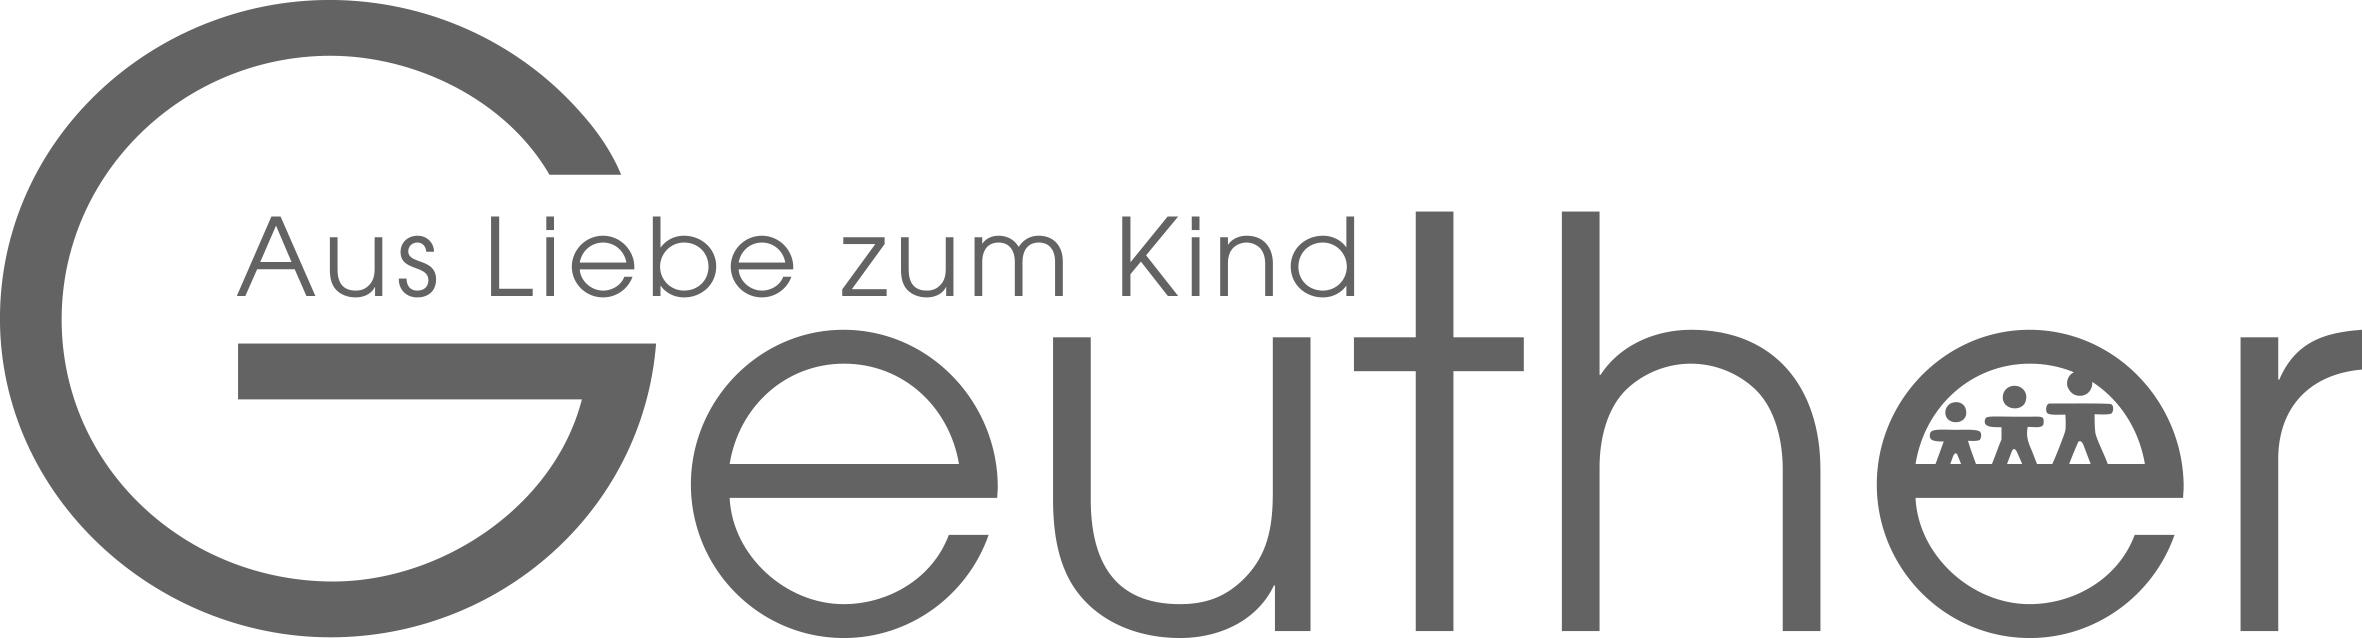 Logo (002)-jpg.png